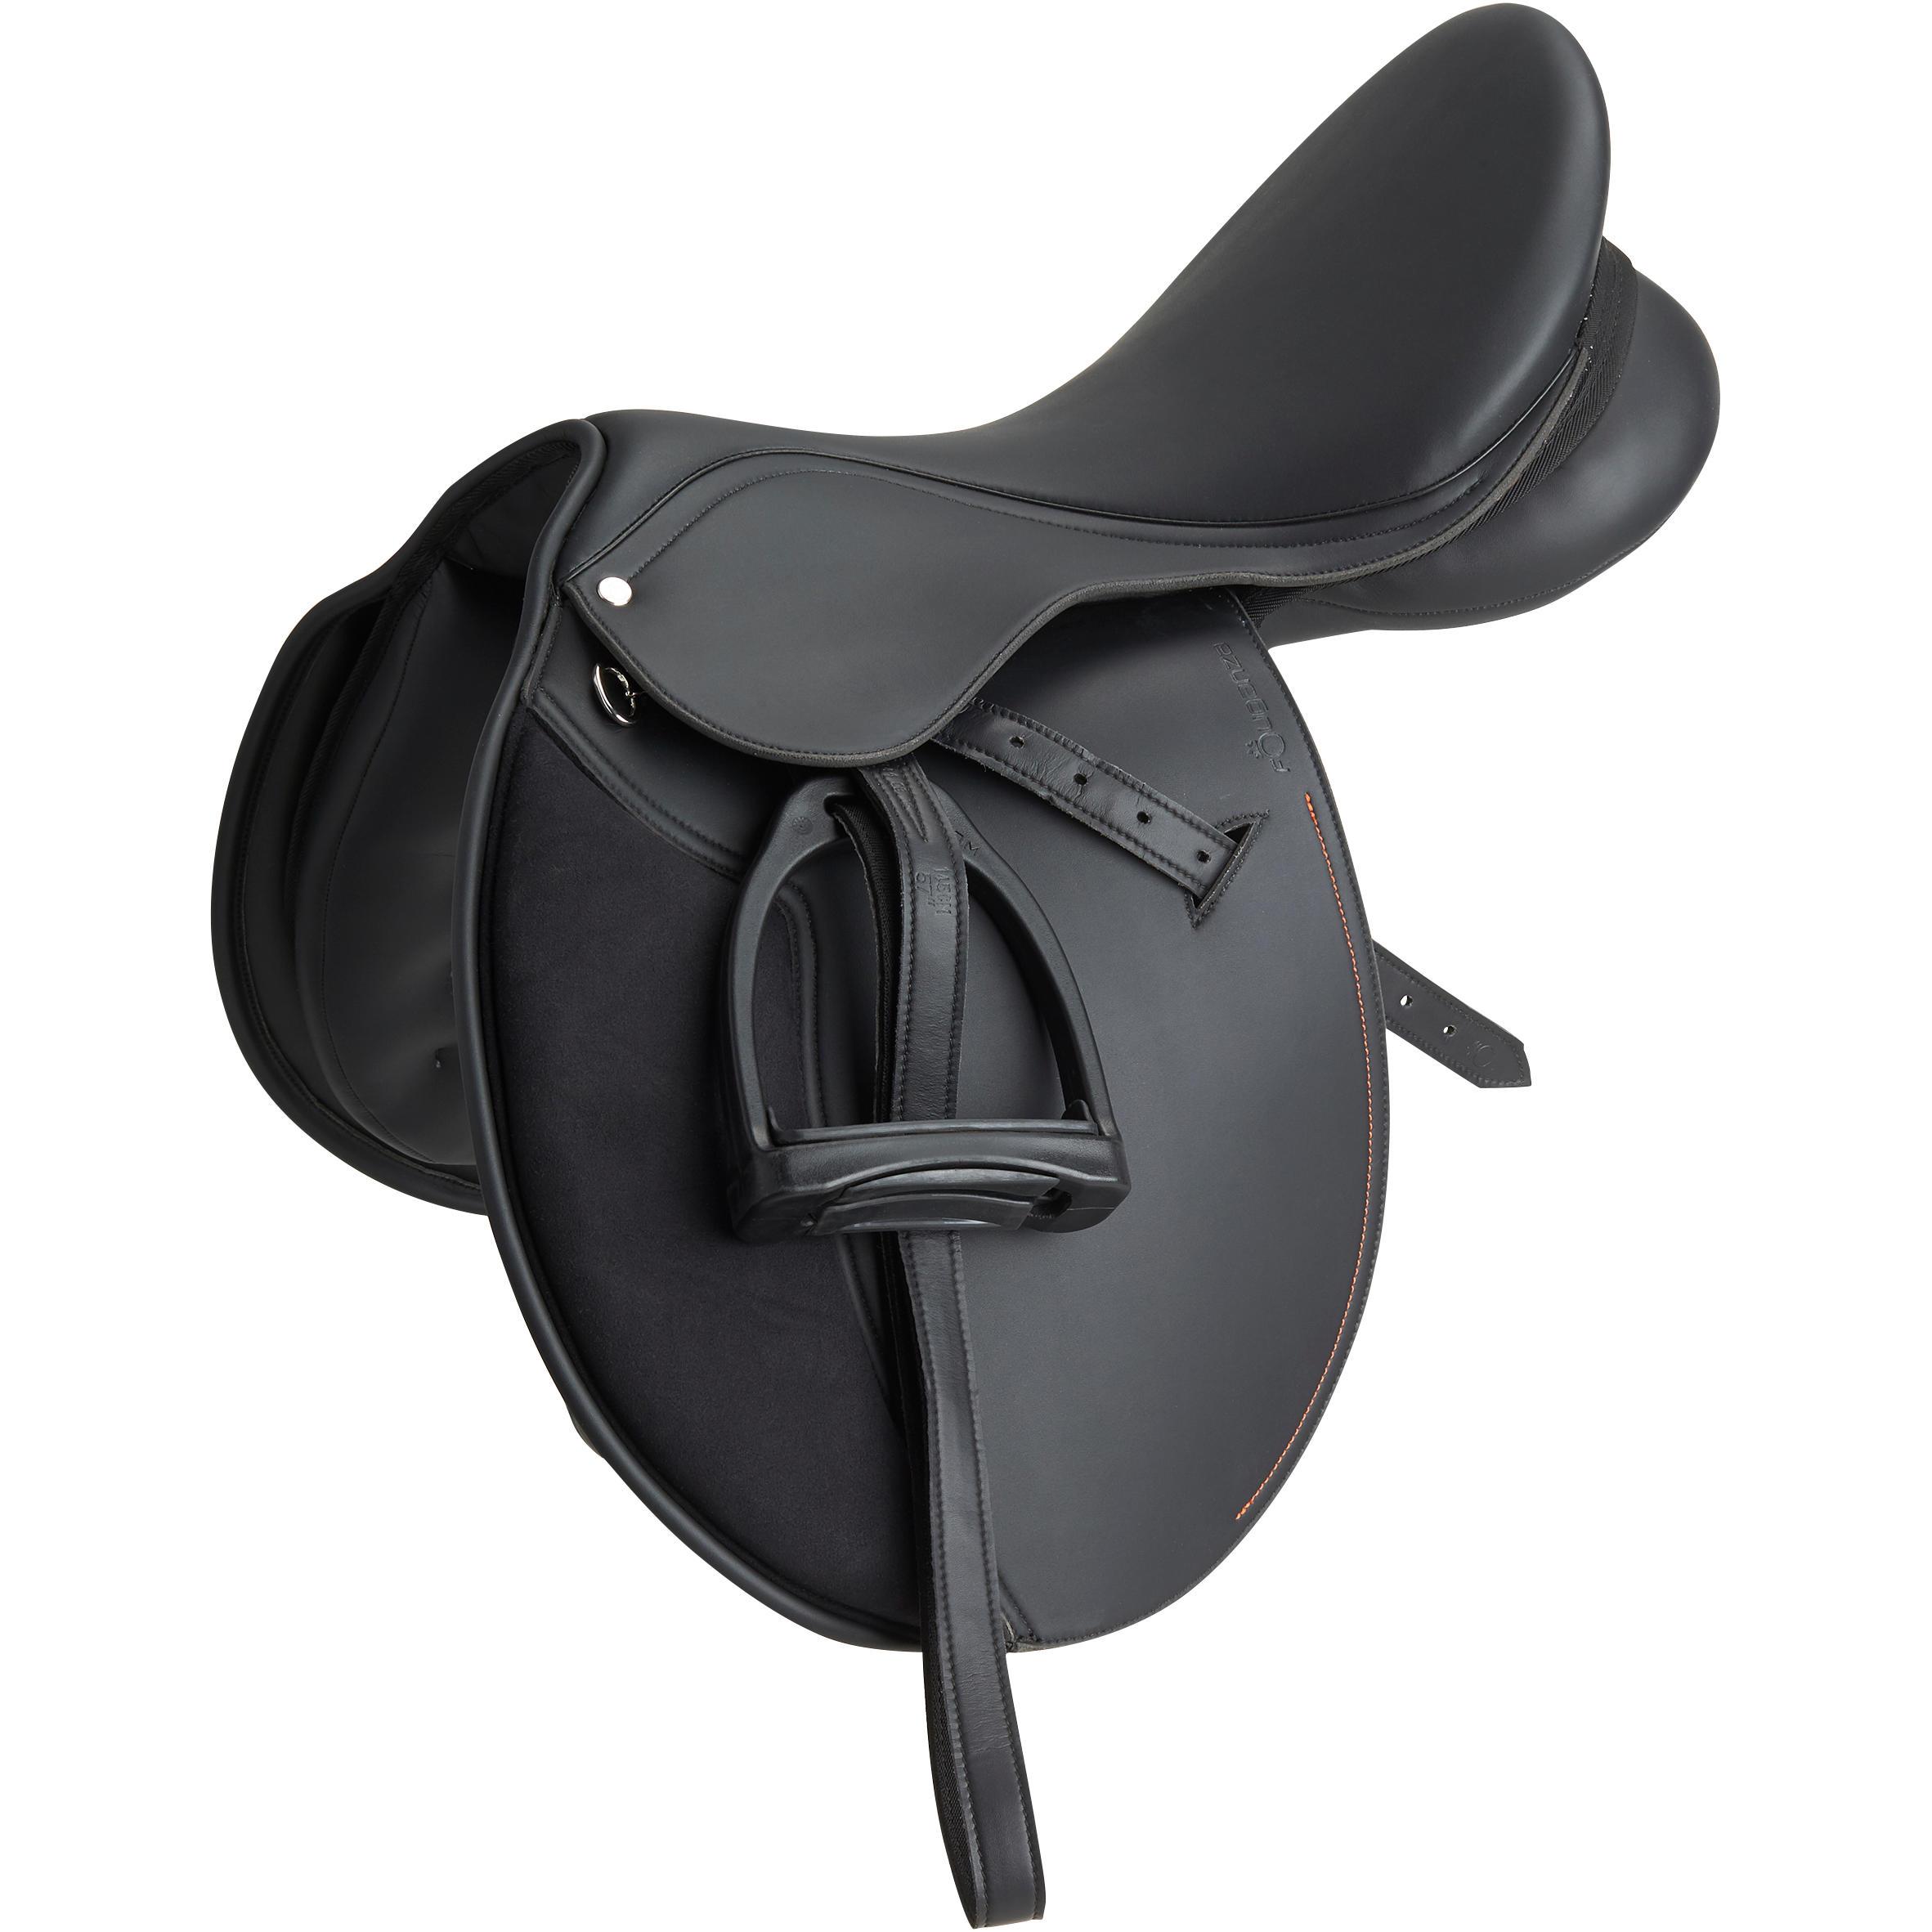 Silla mixta sintética equipada para equitación a caballo SYNTHIA negro 17